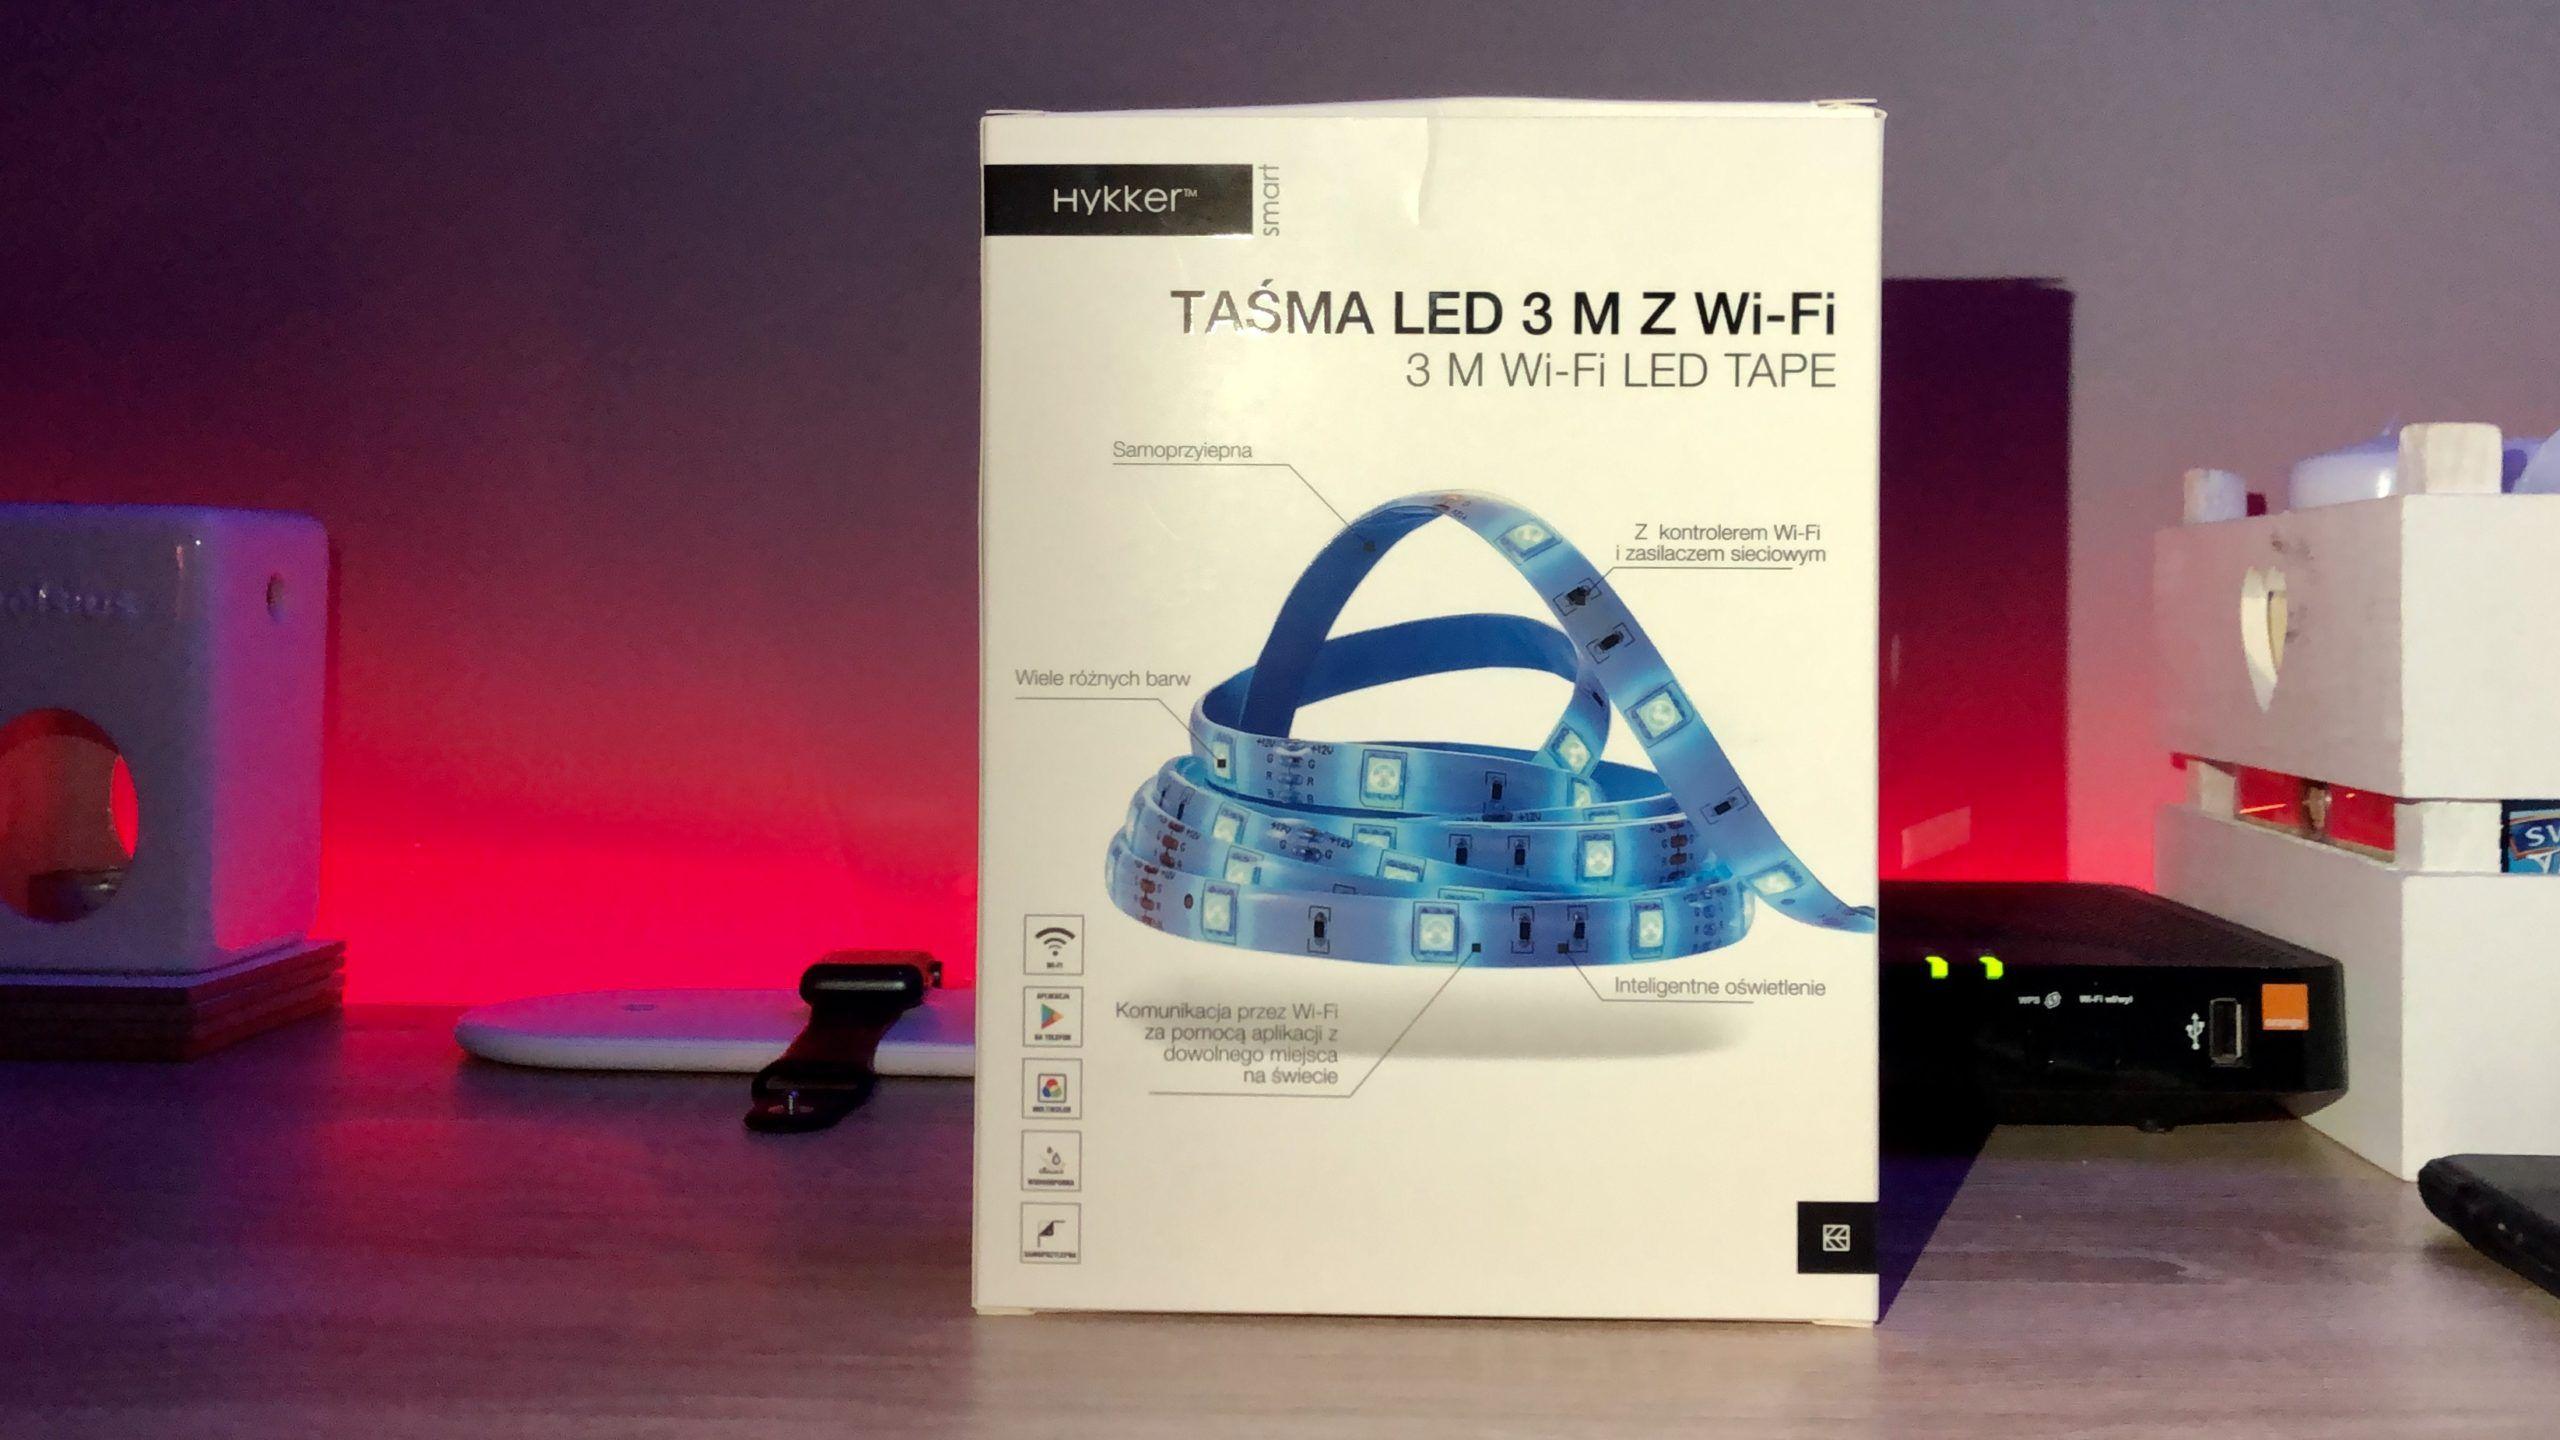 Taśma LED Hykker – czy to zadziała z iPhonem?!